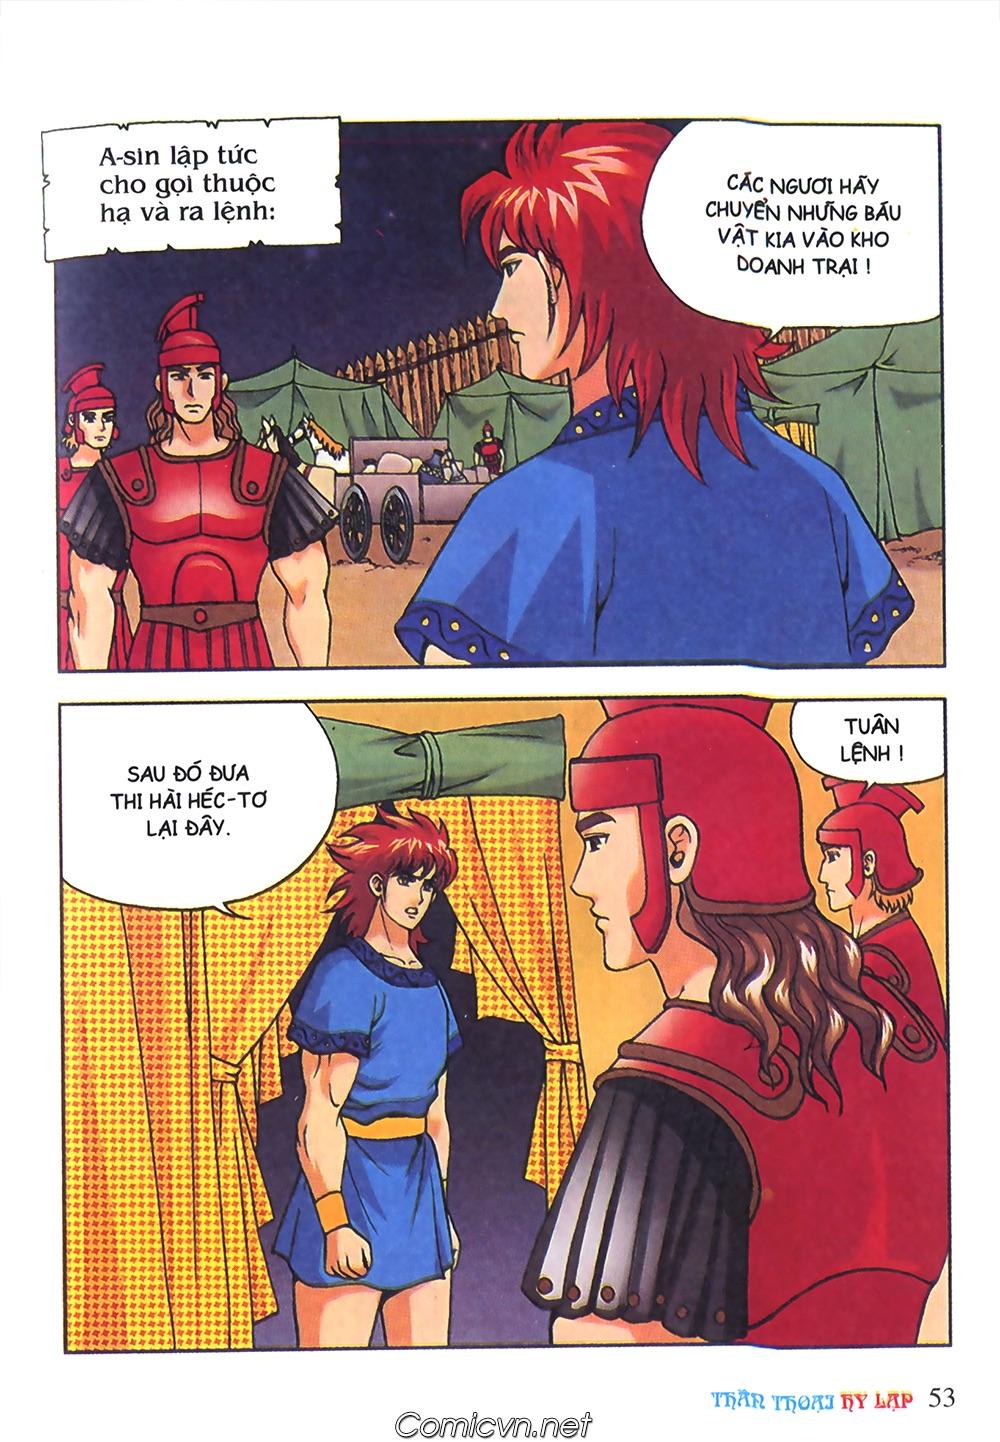 Thần Thoại Hy Lạp Màu - Chapter 63: Lão vương Pri am chuộc xác con - Pic 27